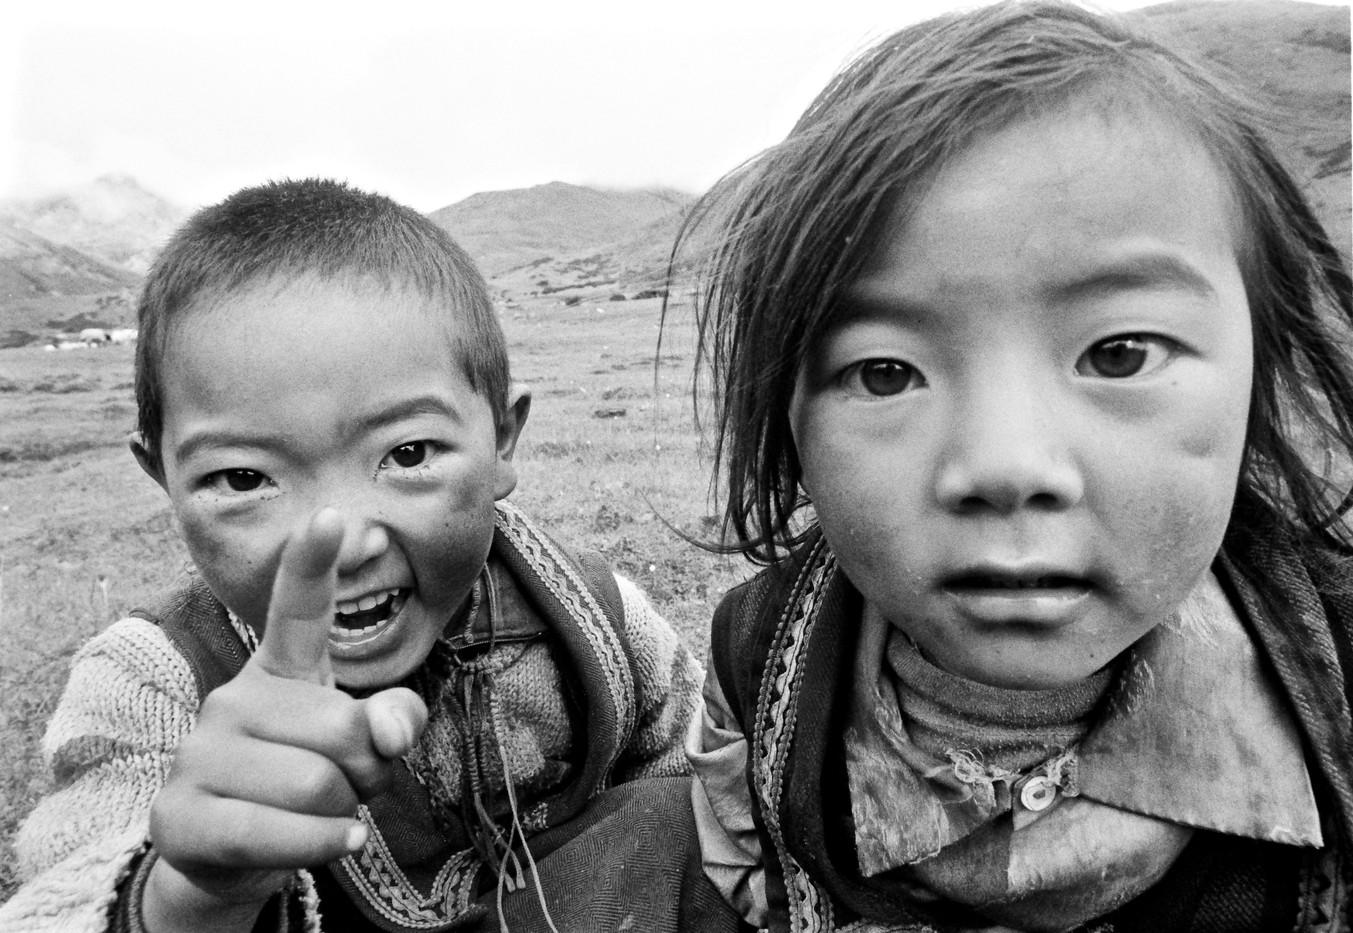 The Decree - Nomadic girls, Genyen, Sichuan